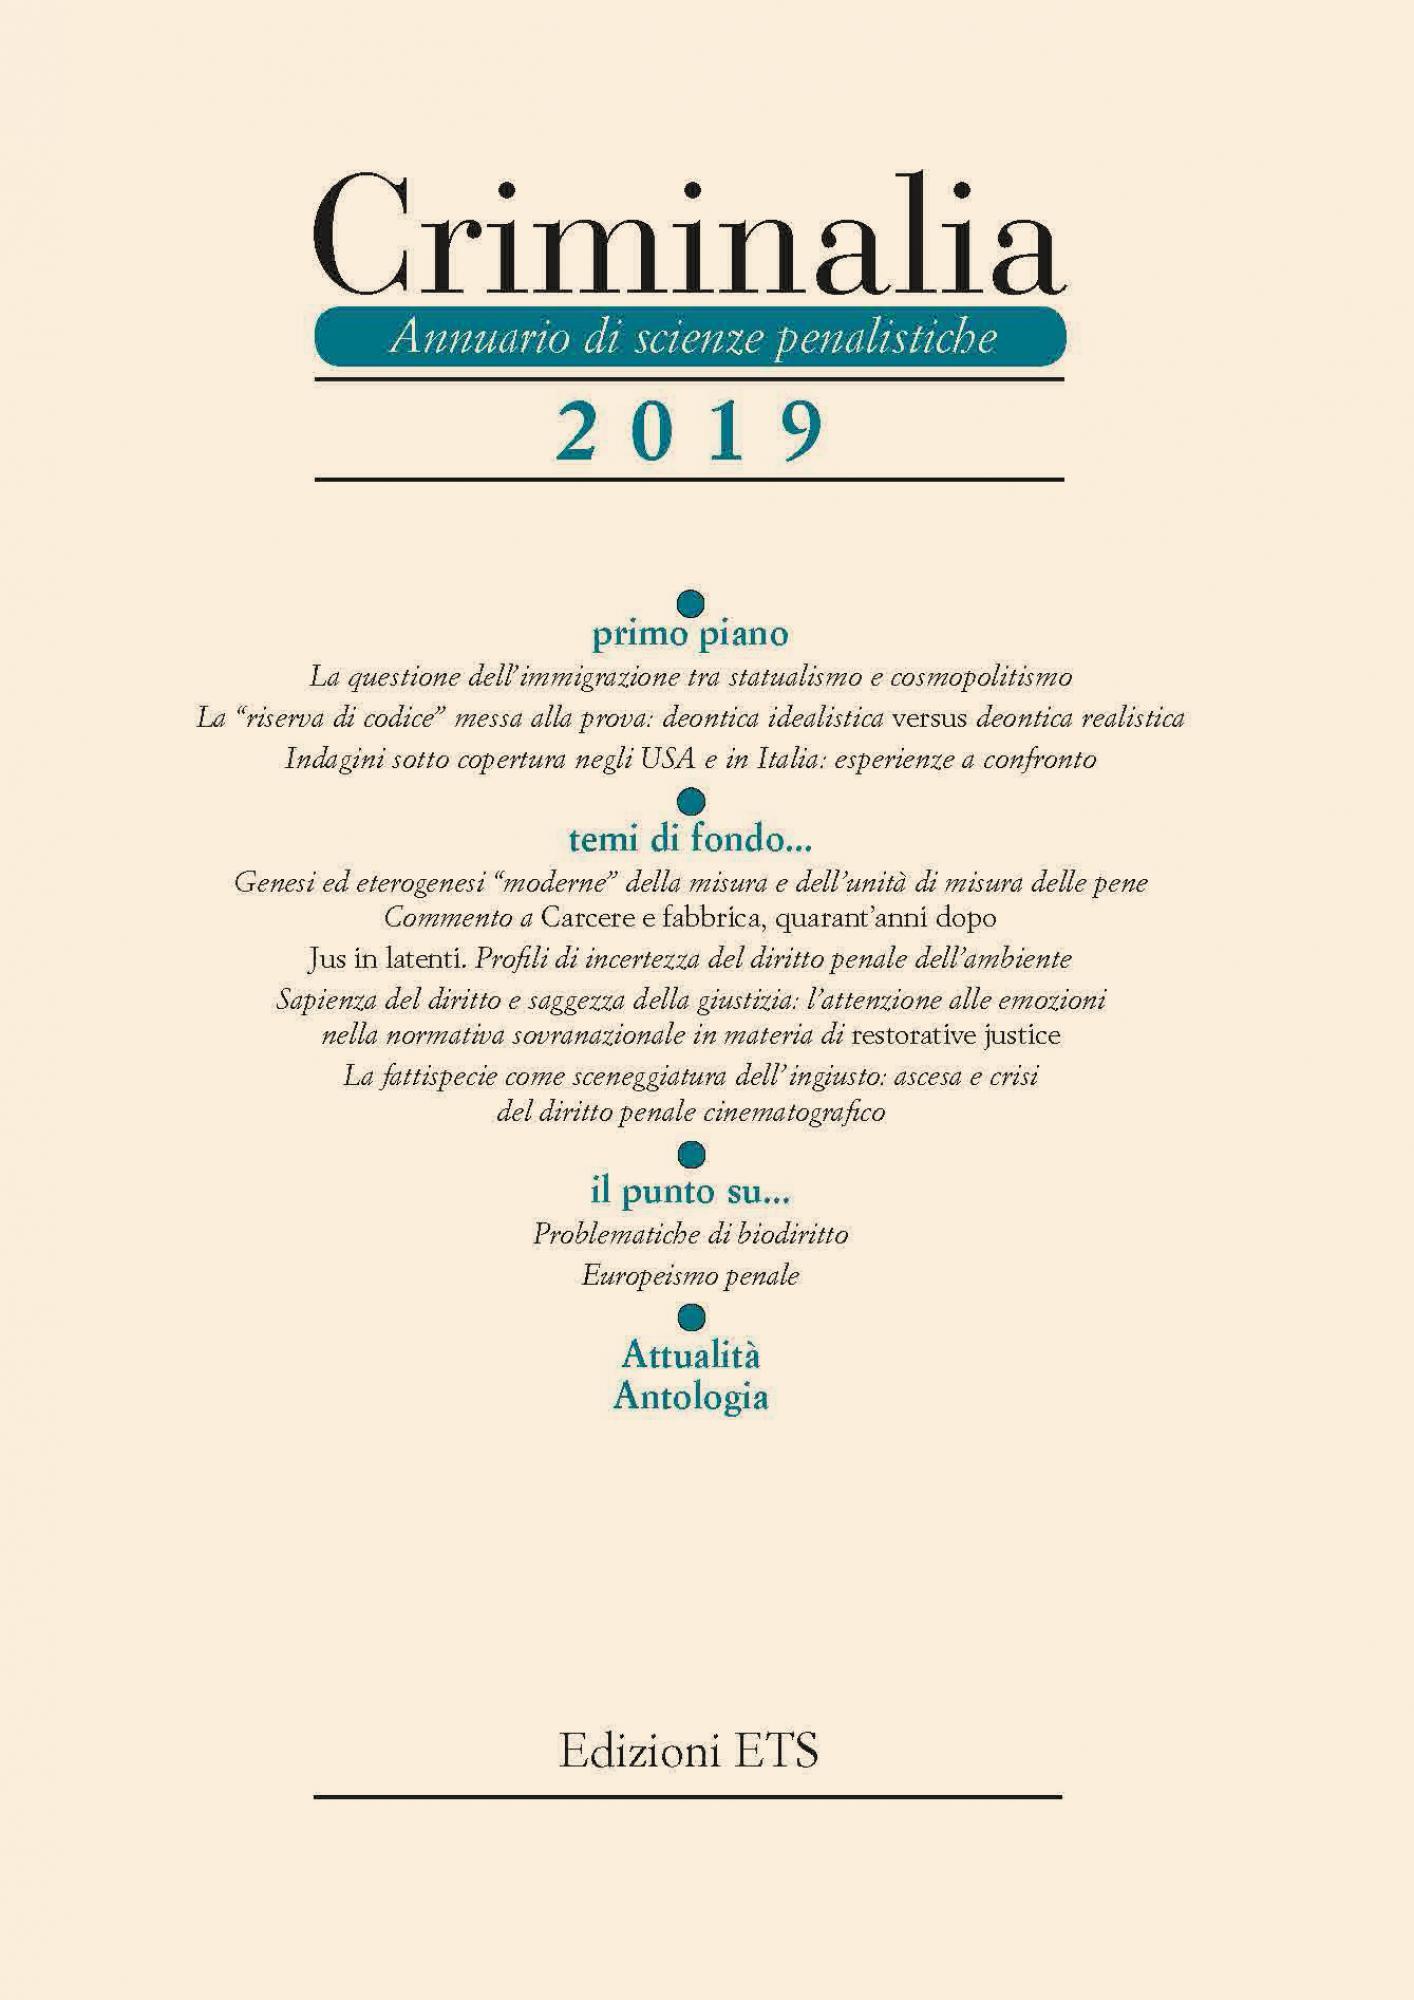 Criminalia 2019.Annuario di scienze penalistiche